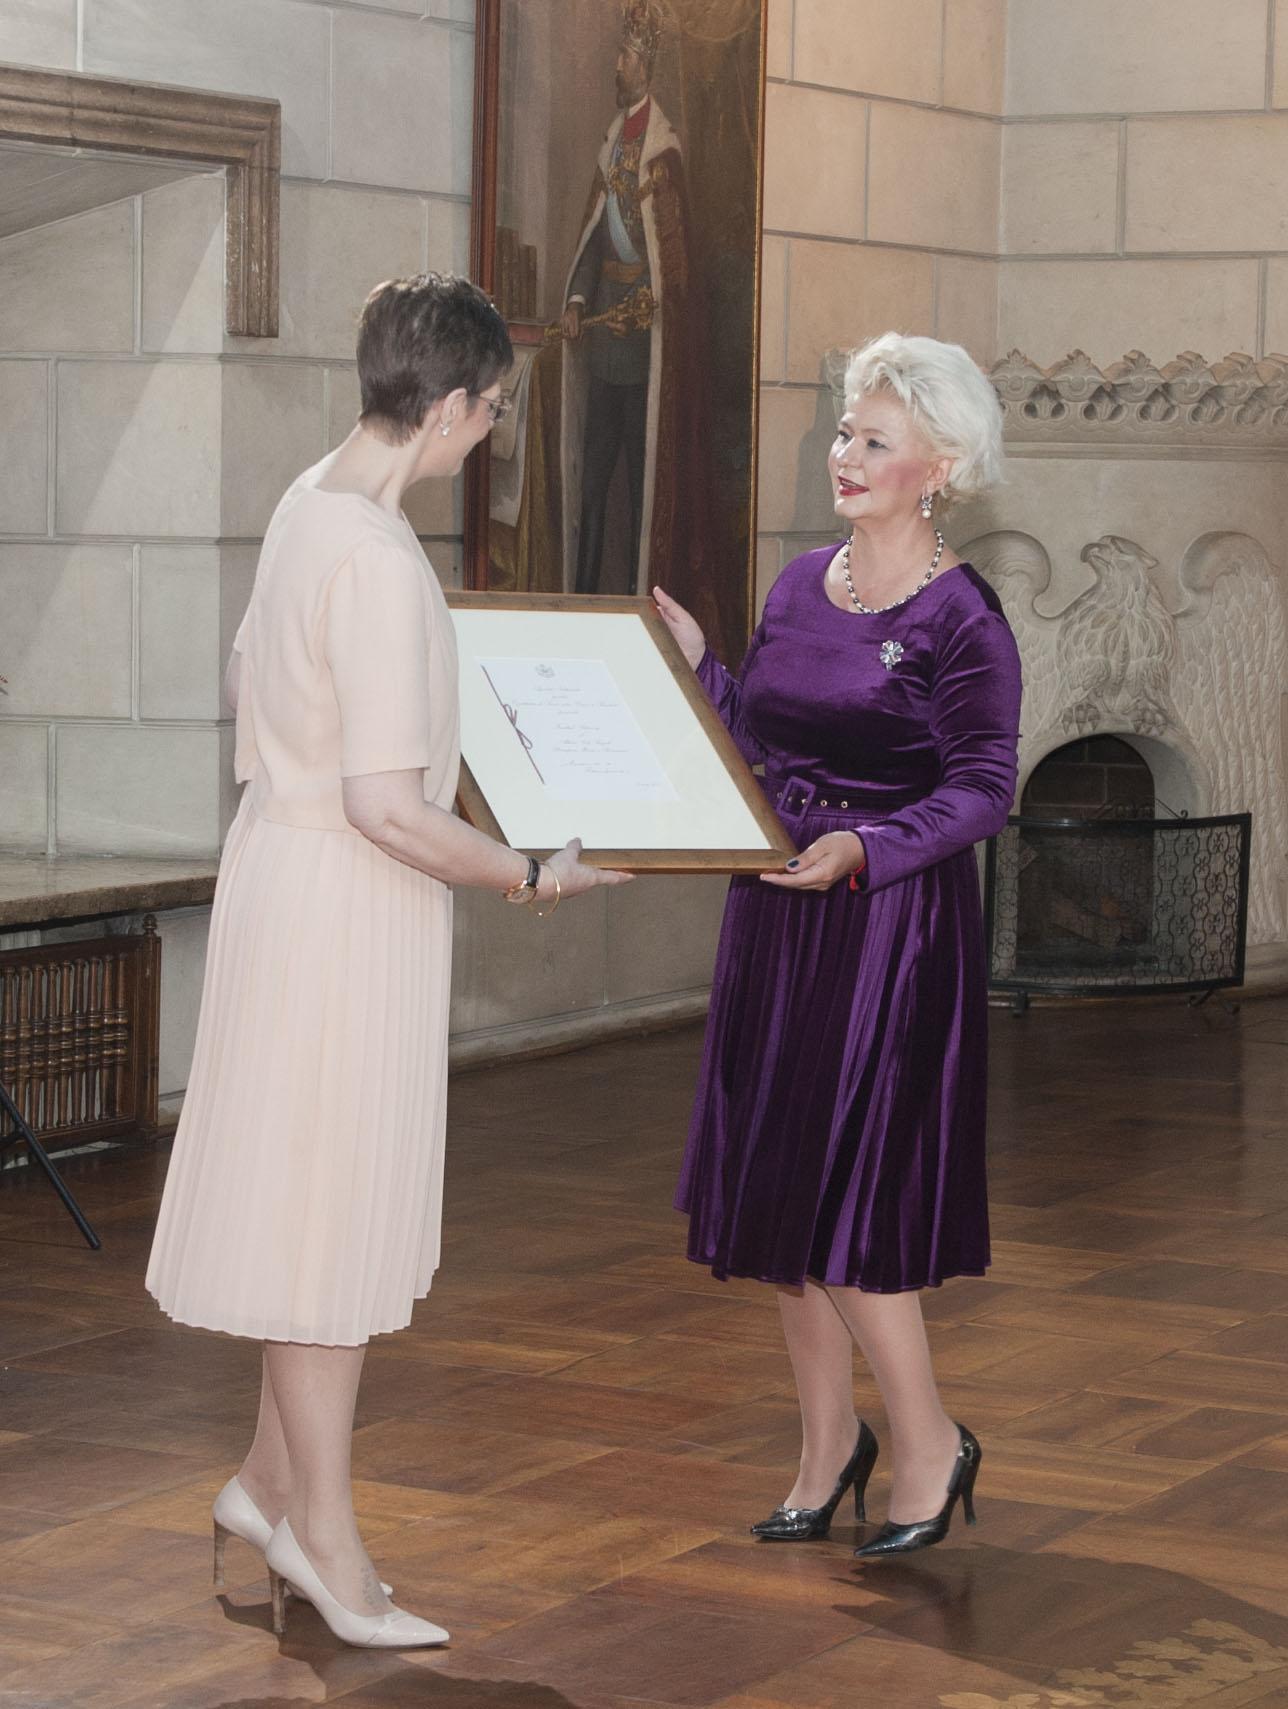 Miercuri, 9 mai 2018, la Sala Regilor a Palatului Elisabeta, Alteța Sa Regală Principesa Maria a acordat Înaltul Patronaj Agenției Naționale pentru Egalitate de Șanse între Femei și Bărbați.